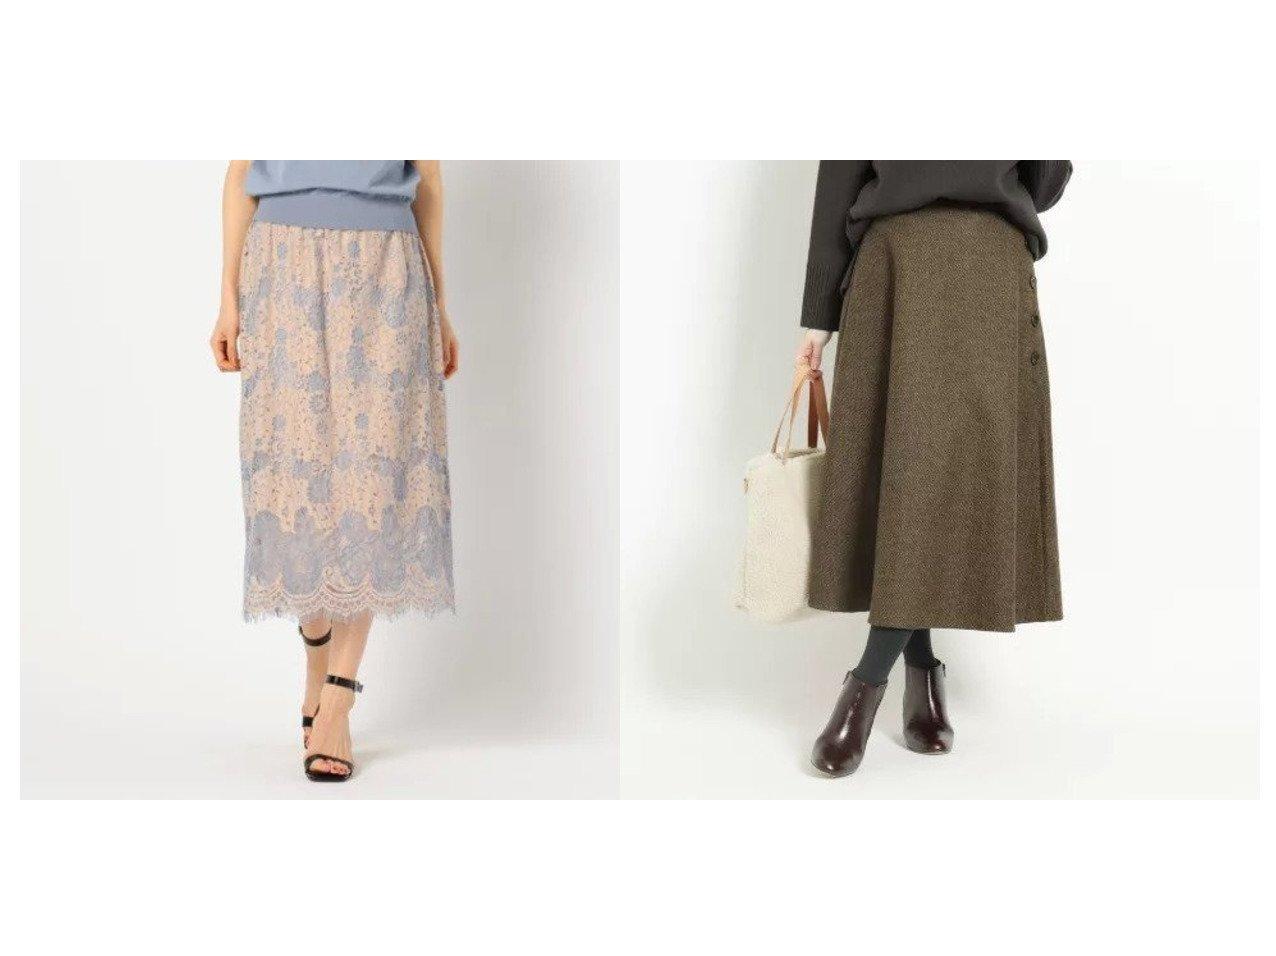 【Dessin/デッサン】の【XS〜Lサイズあり】フレアースカート&【NOLLEY'S sophi/ノーリーズソフィー】のウエストリブレーススカート スカートのおすすめ!人気、トレンド・レディースファッションの通販  おすすめファッション通販アイテム インテリア・キッズ・メンズ・レディースファッション・服の通販 founy(ファニー)  ファッション Fashion レディースファッション WOMEN スカート Skirt エレガント カーディガン スウェット セットアップ マキシ レース ロング クラシカル ツィード ツイード ネップ フレアースカート ポケット ミックス ブラック系 Black イエロー系 Yellow ベージュ系 Beige ブルー系 Blue グリーン系 Green ブラウン系 Brown |ID:crp329100000009738